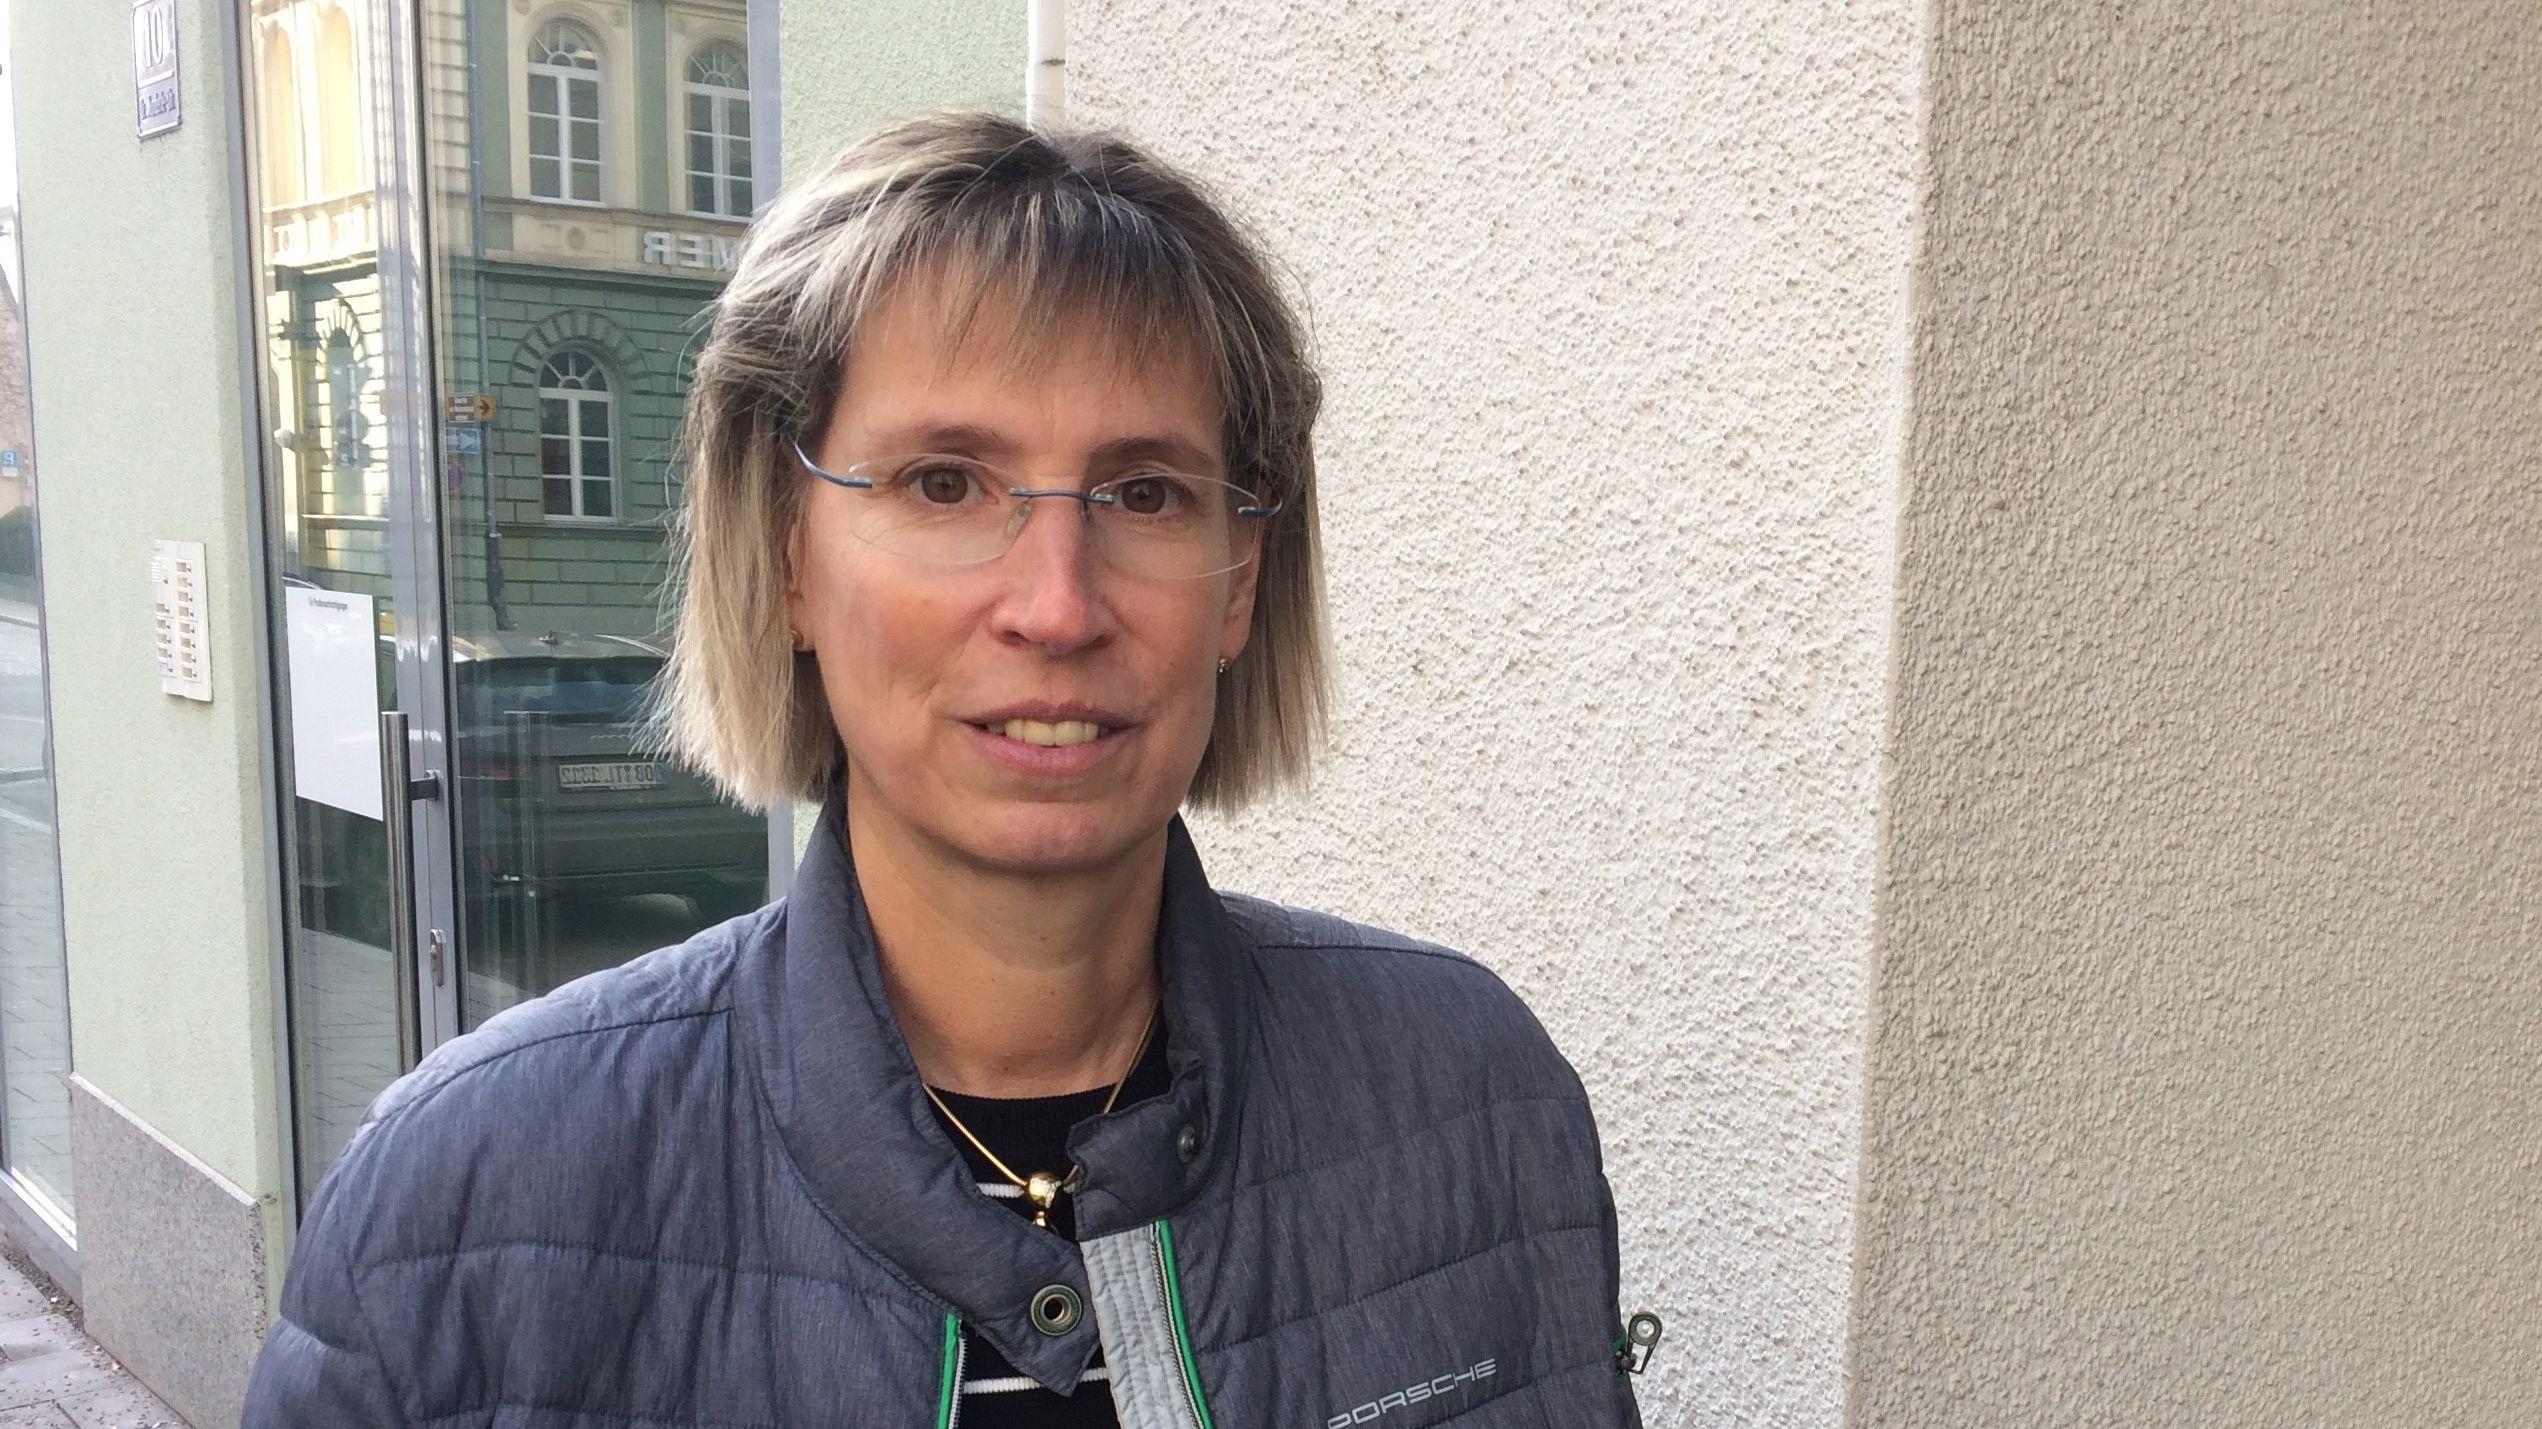 Dr. Petra Lütz aus Rohr in Niederbayern soll zu viele Hausbesuche gemacht haben.